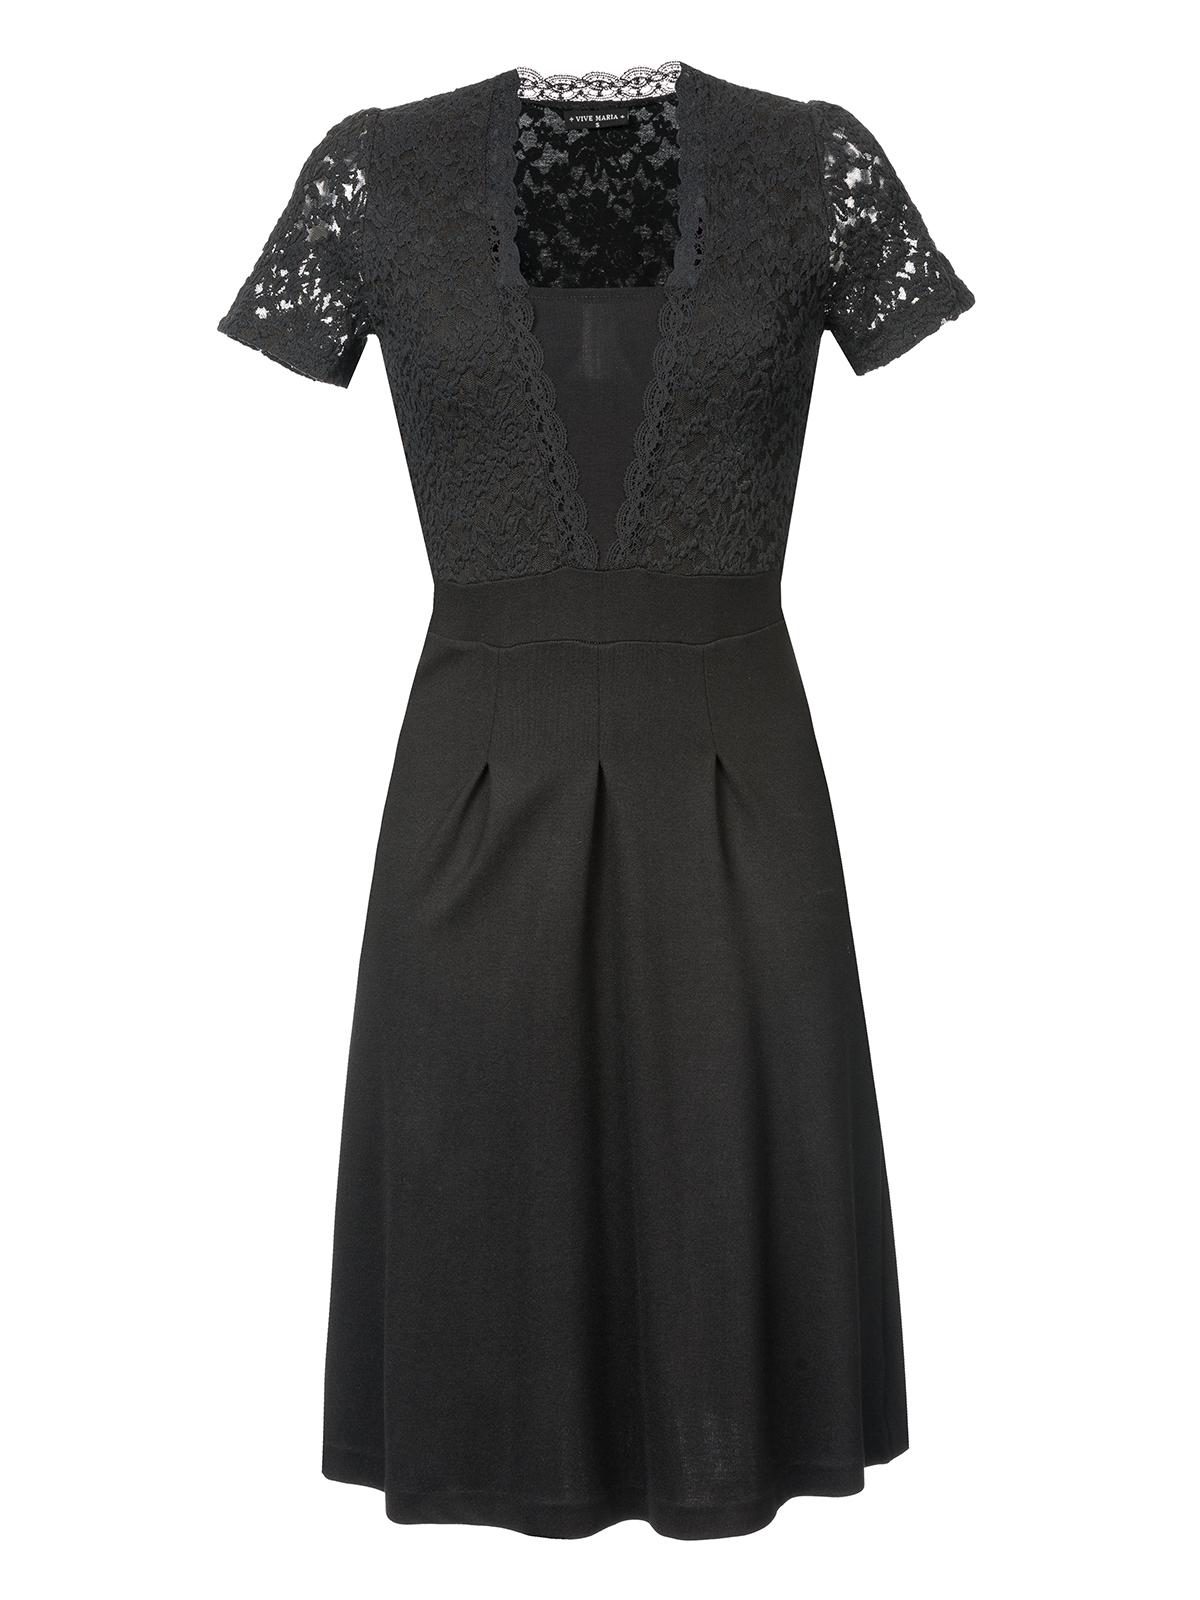 6003c1ed243e9 Vive Lace Kleider Maria Party Bekleidung Schwarz Kleid kXlwOZiTPu